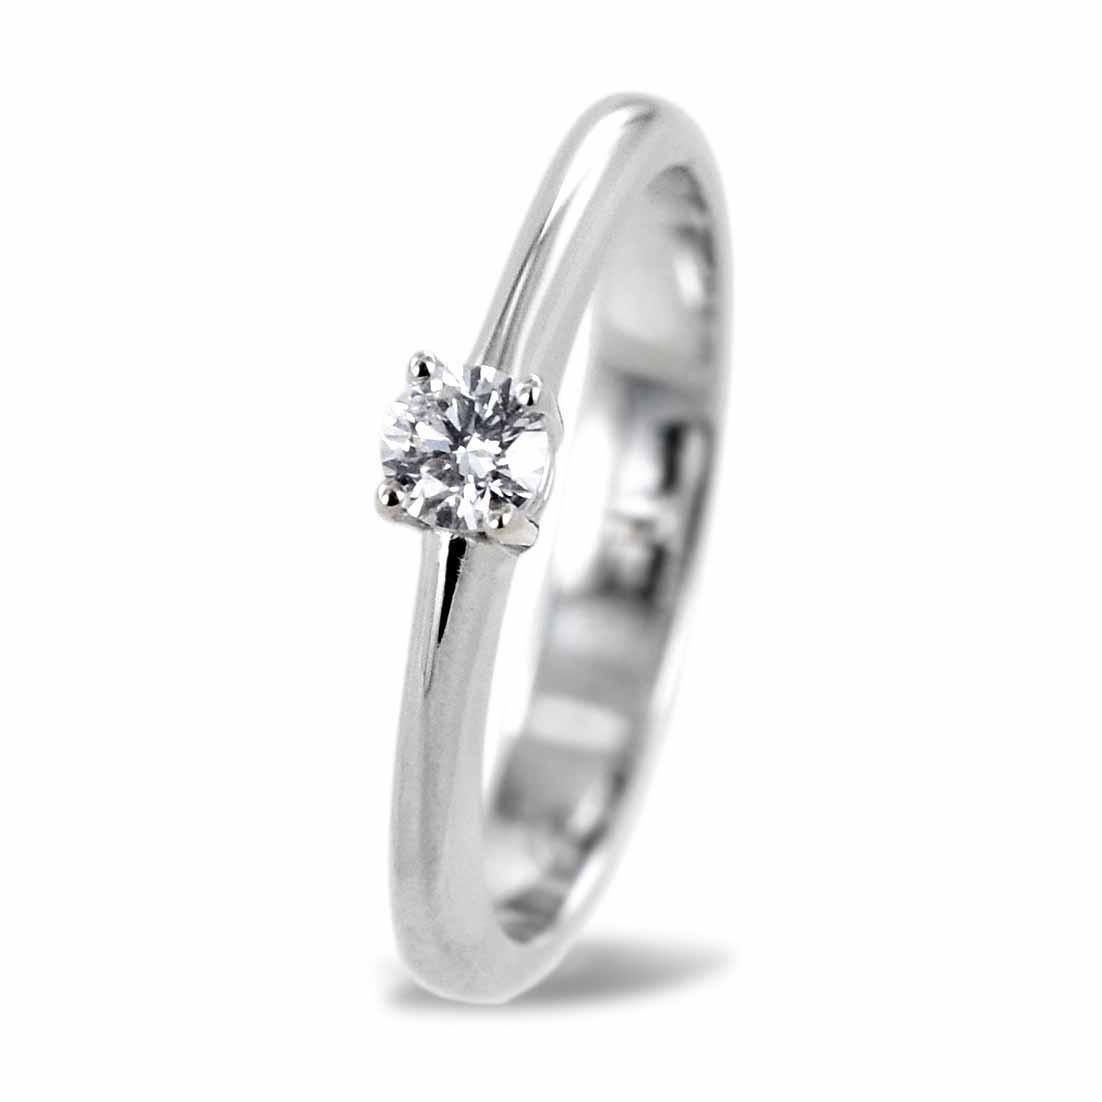 Anello Solitario medio con diamante da 0.16 carati